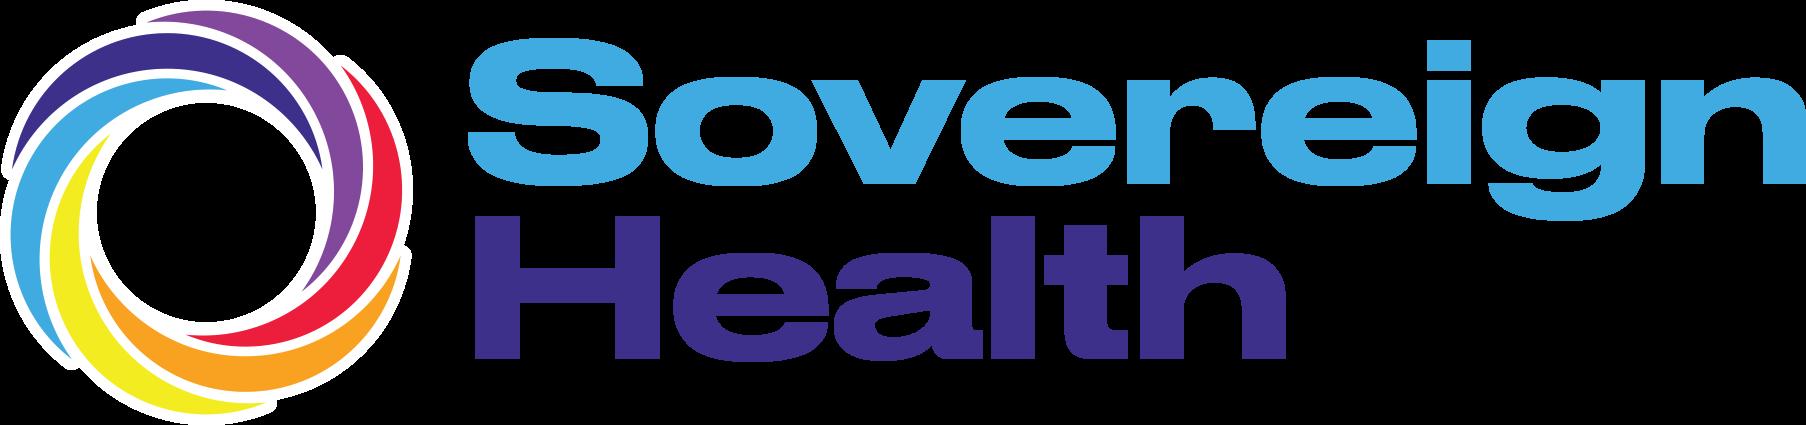 Sovereign Health